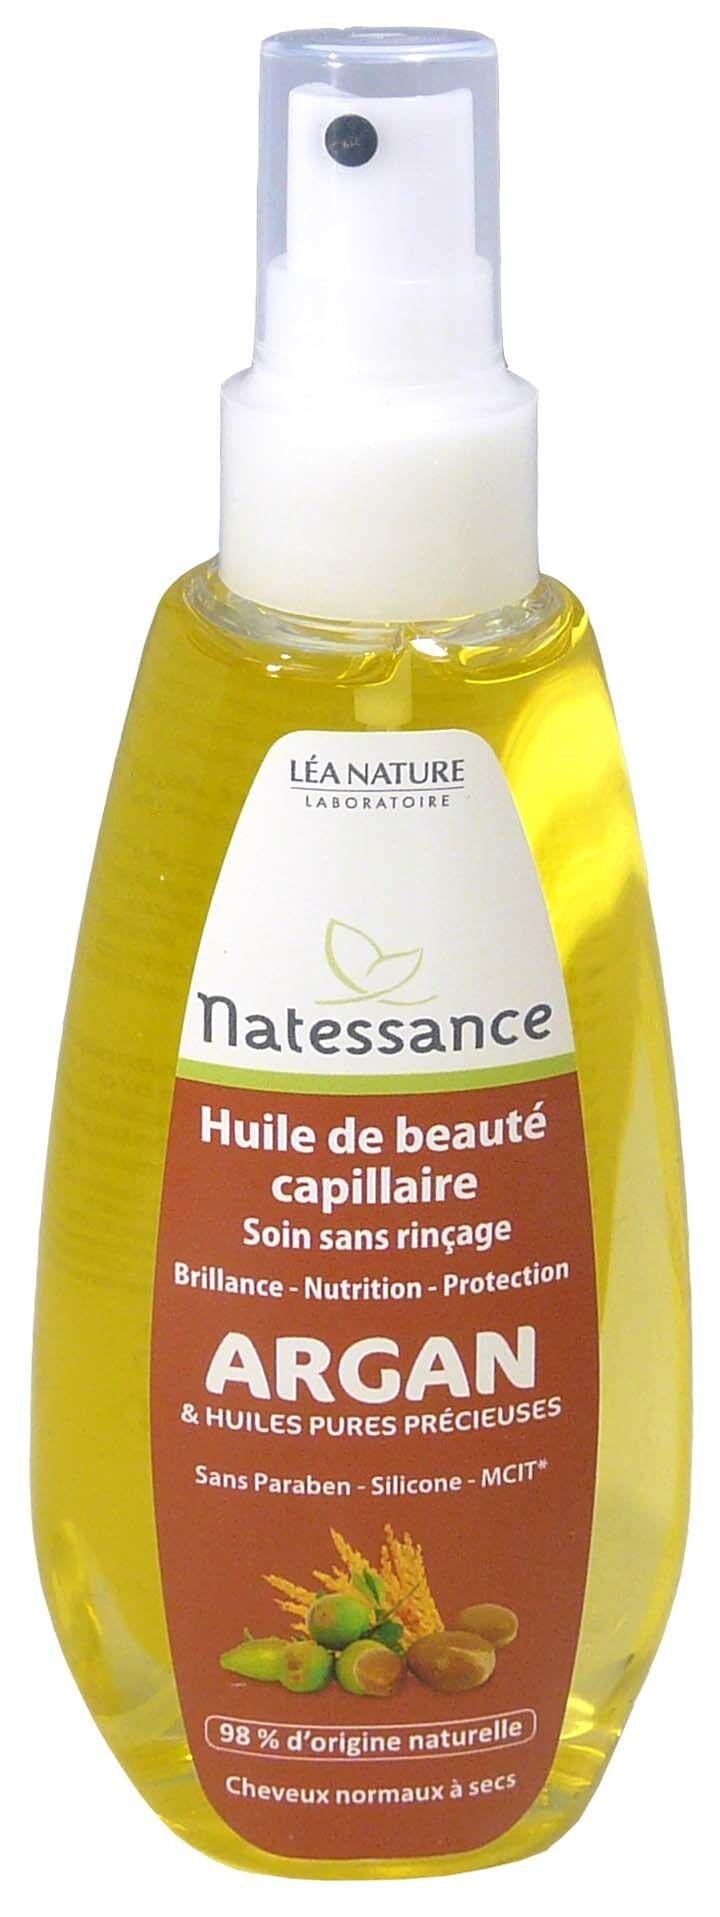 Natessance huile de beaute capillaire argan 150ml